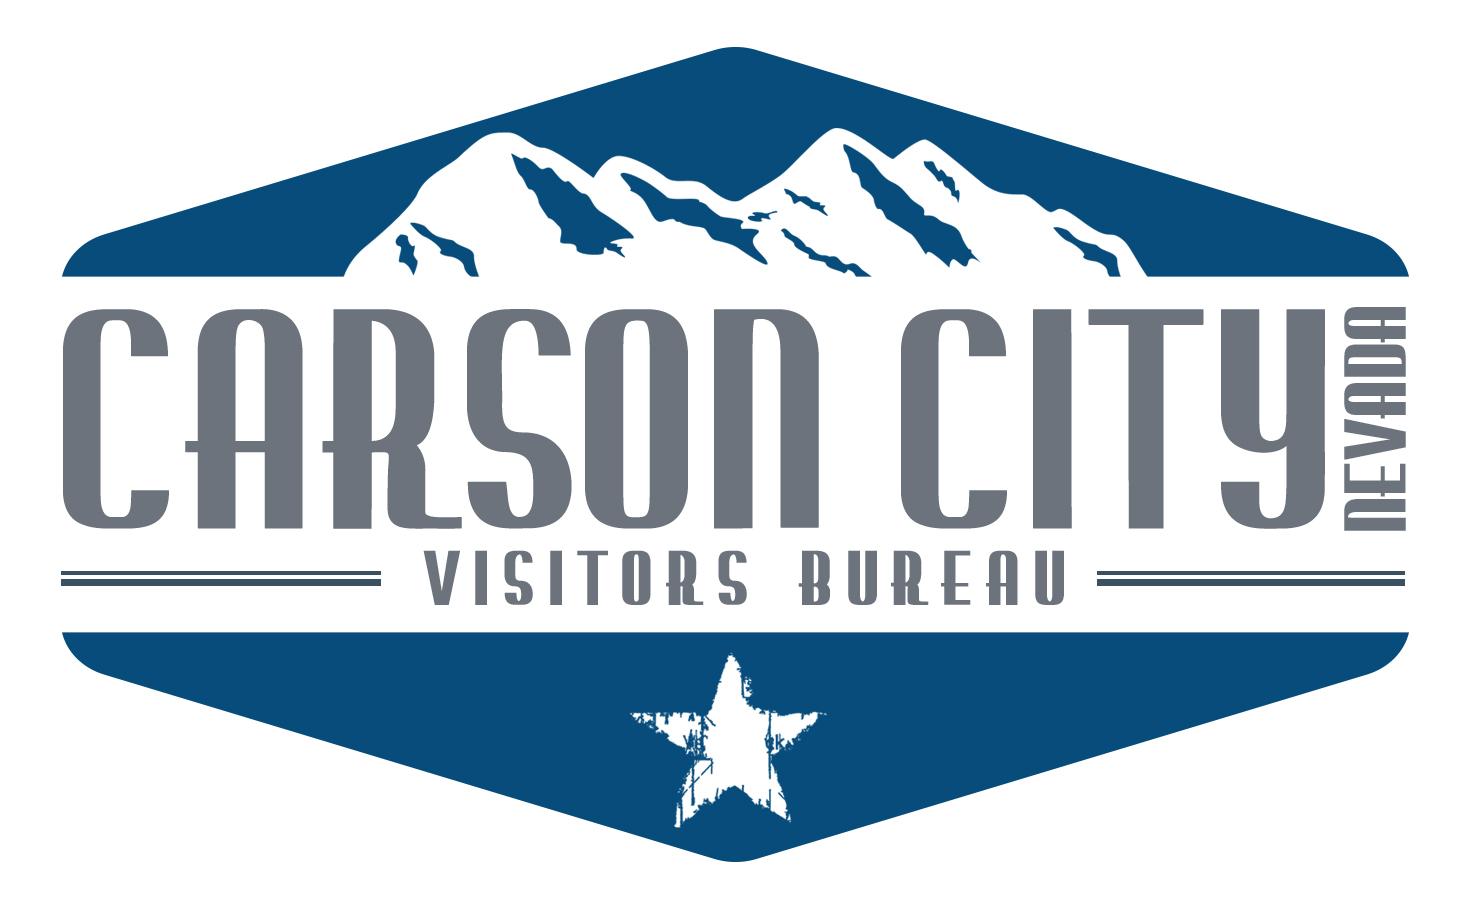 Carson City Visitors Bureau